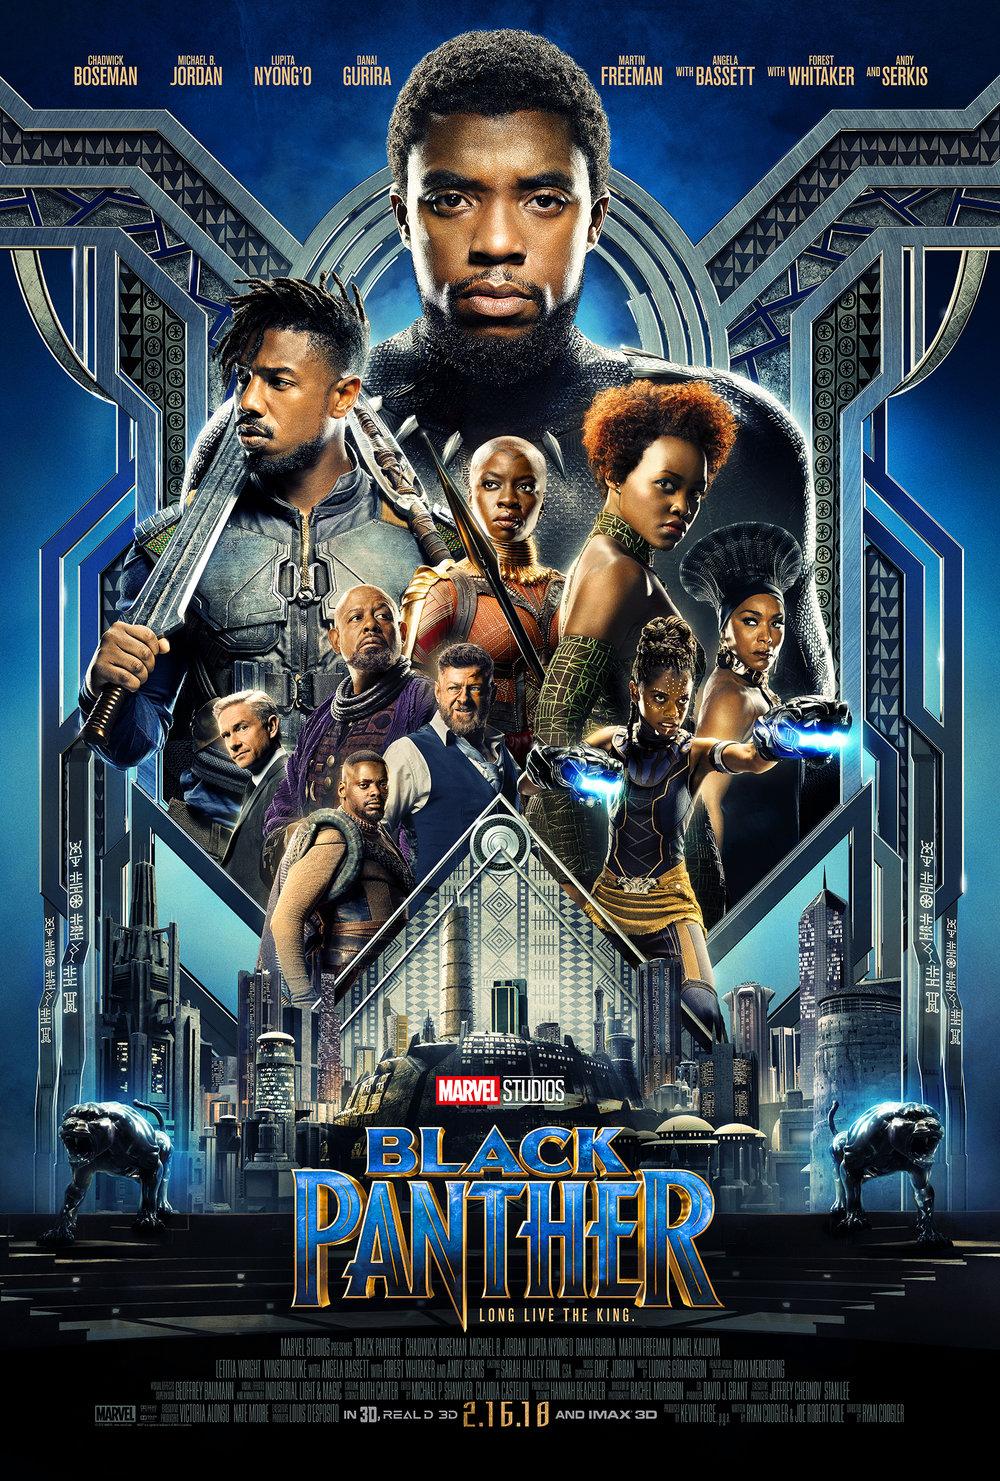 BLACK PANTHER PG-13   1:00 2:00 4:00 5:00 7:00 8:00 9:45  Superhero ‧ 2h 5m